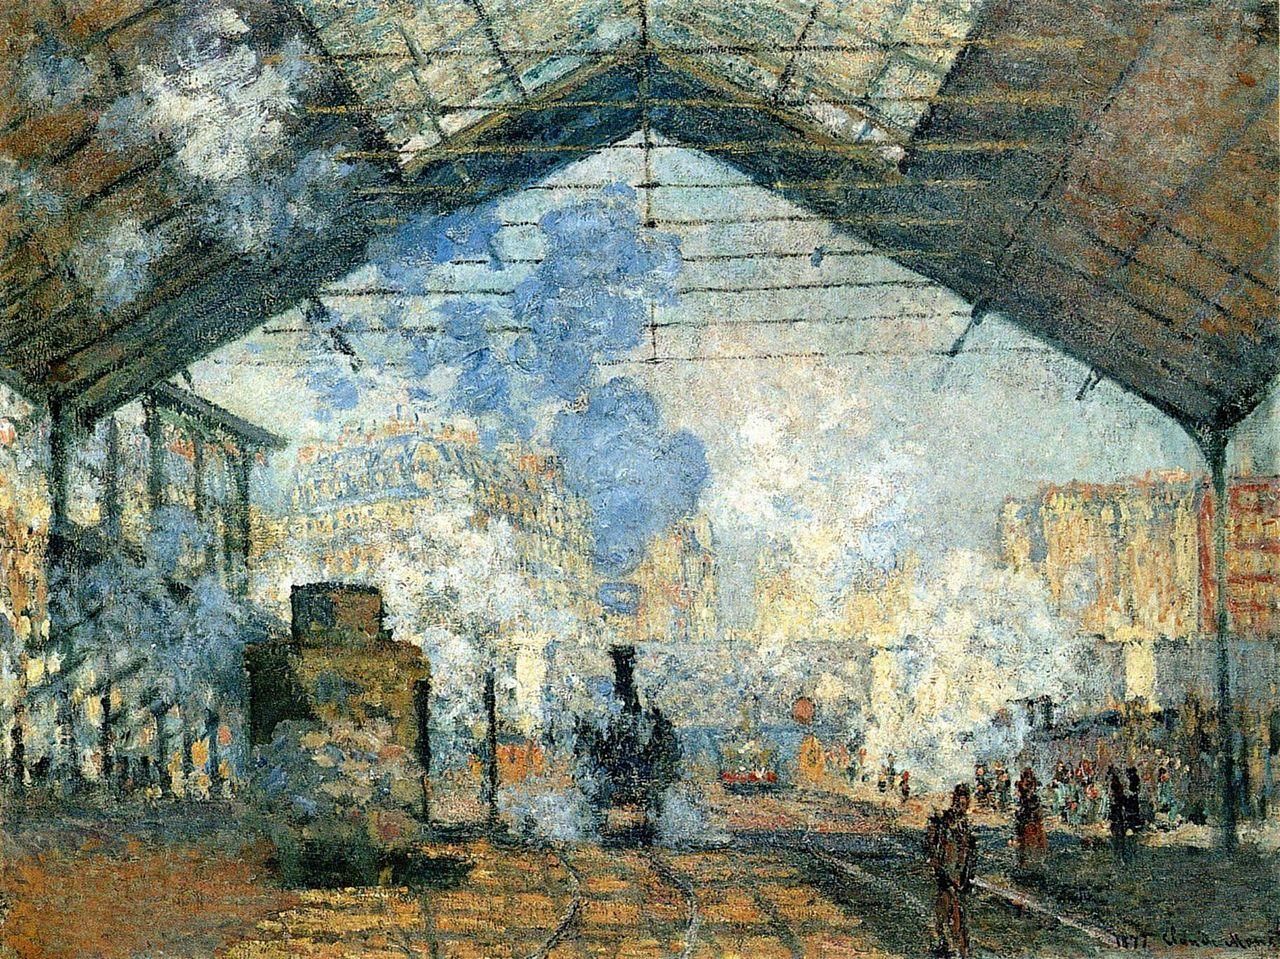 A_LONDON_Monet_Architecture_Exhibition_04.jpg